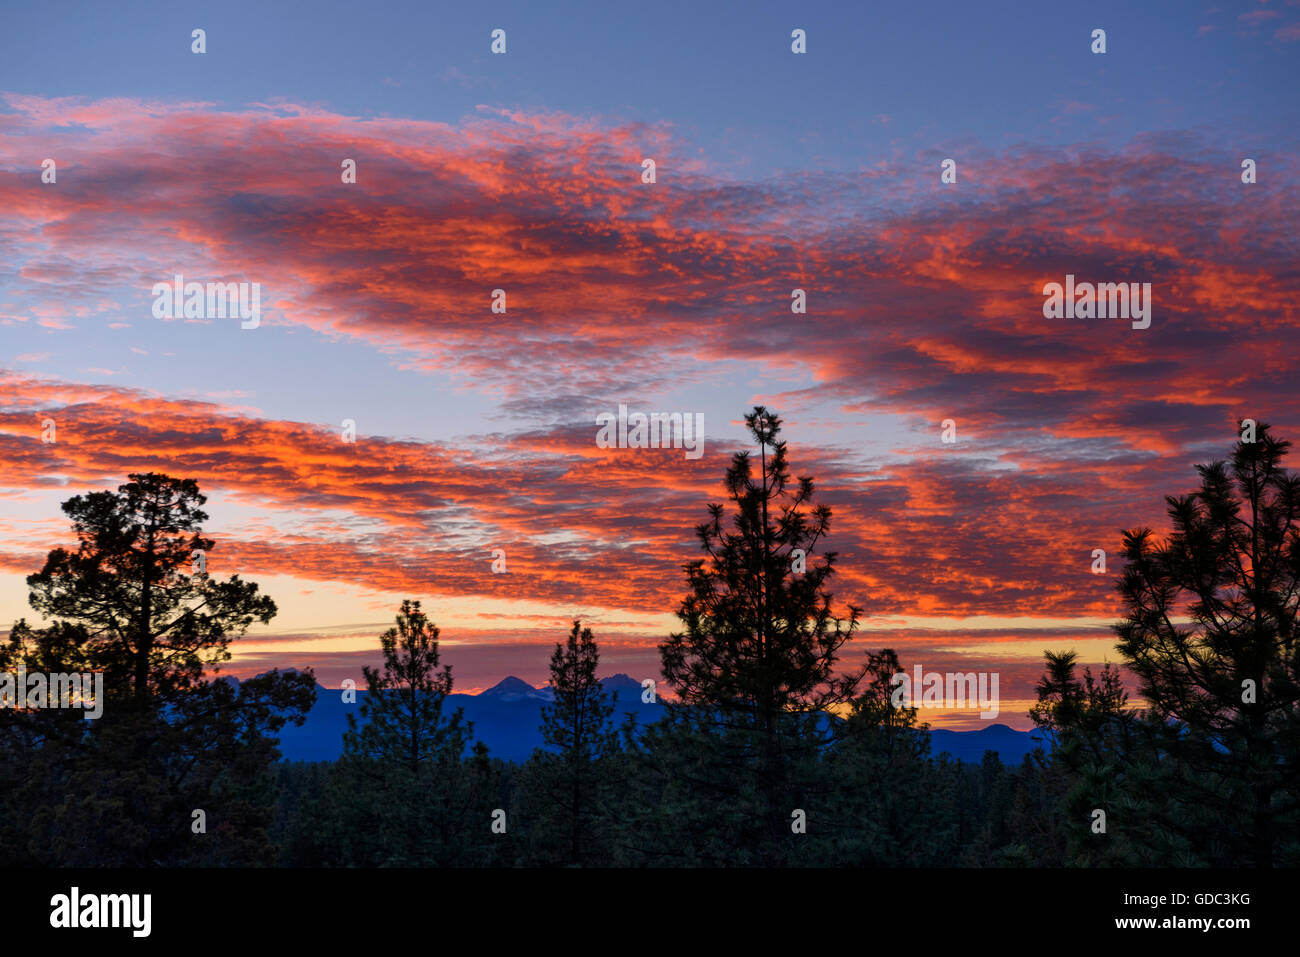 Blazing Sunset - Stock Image